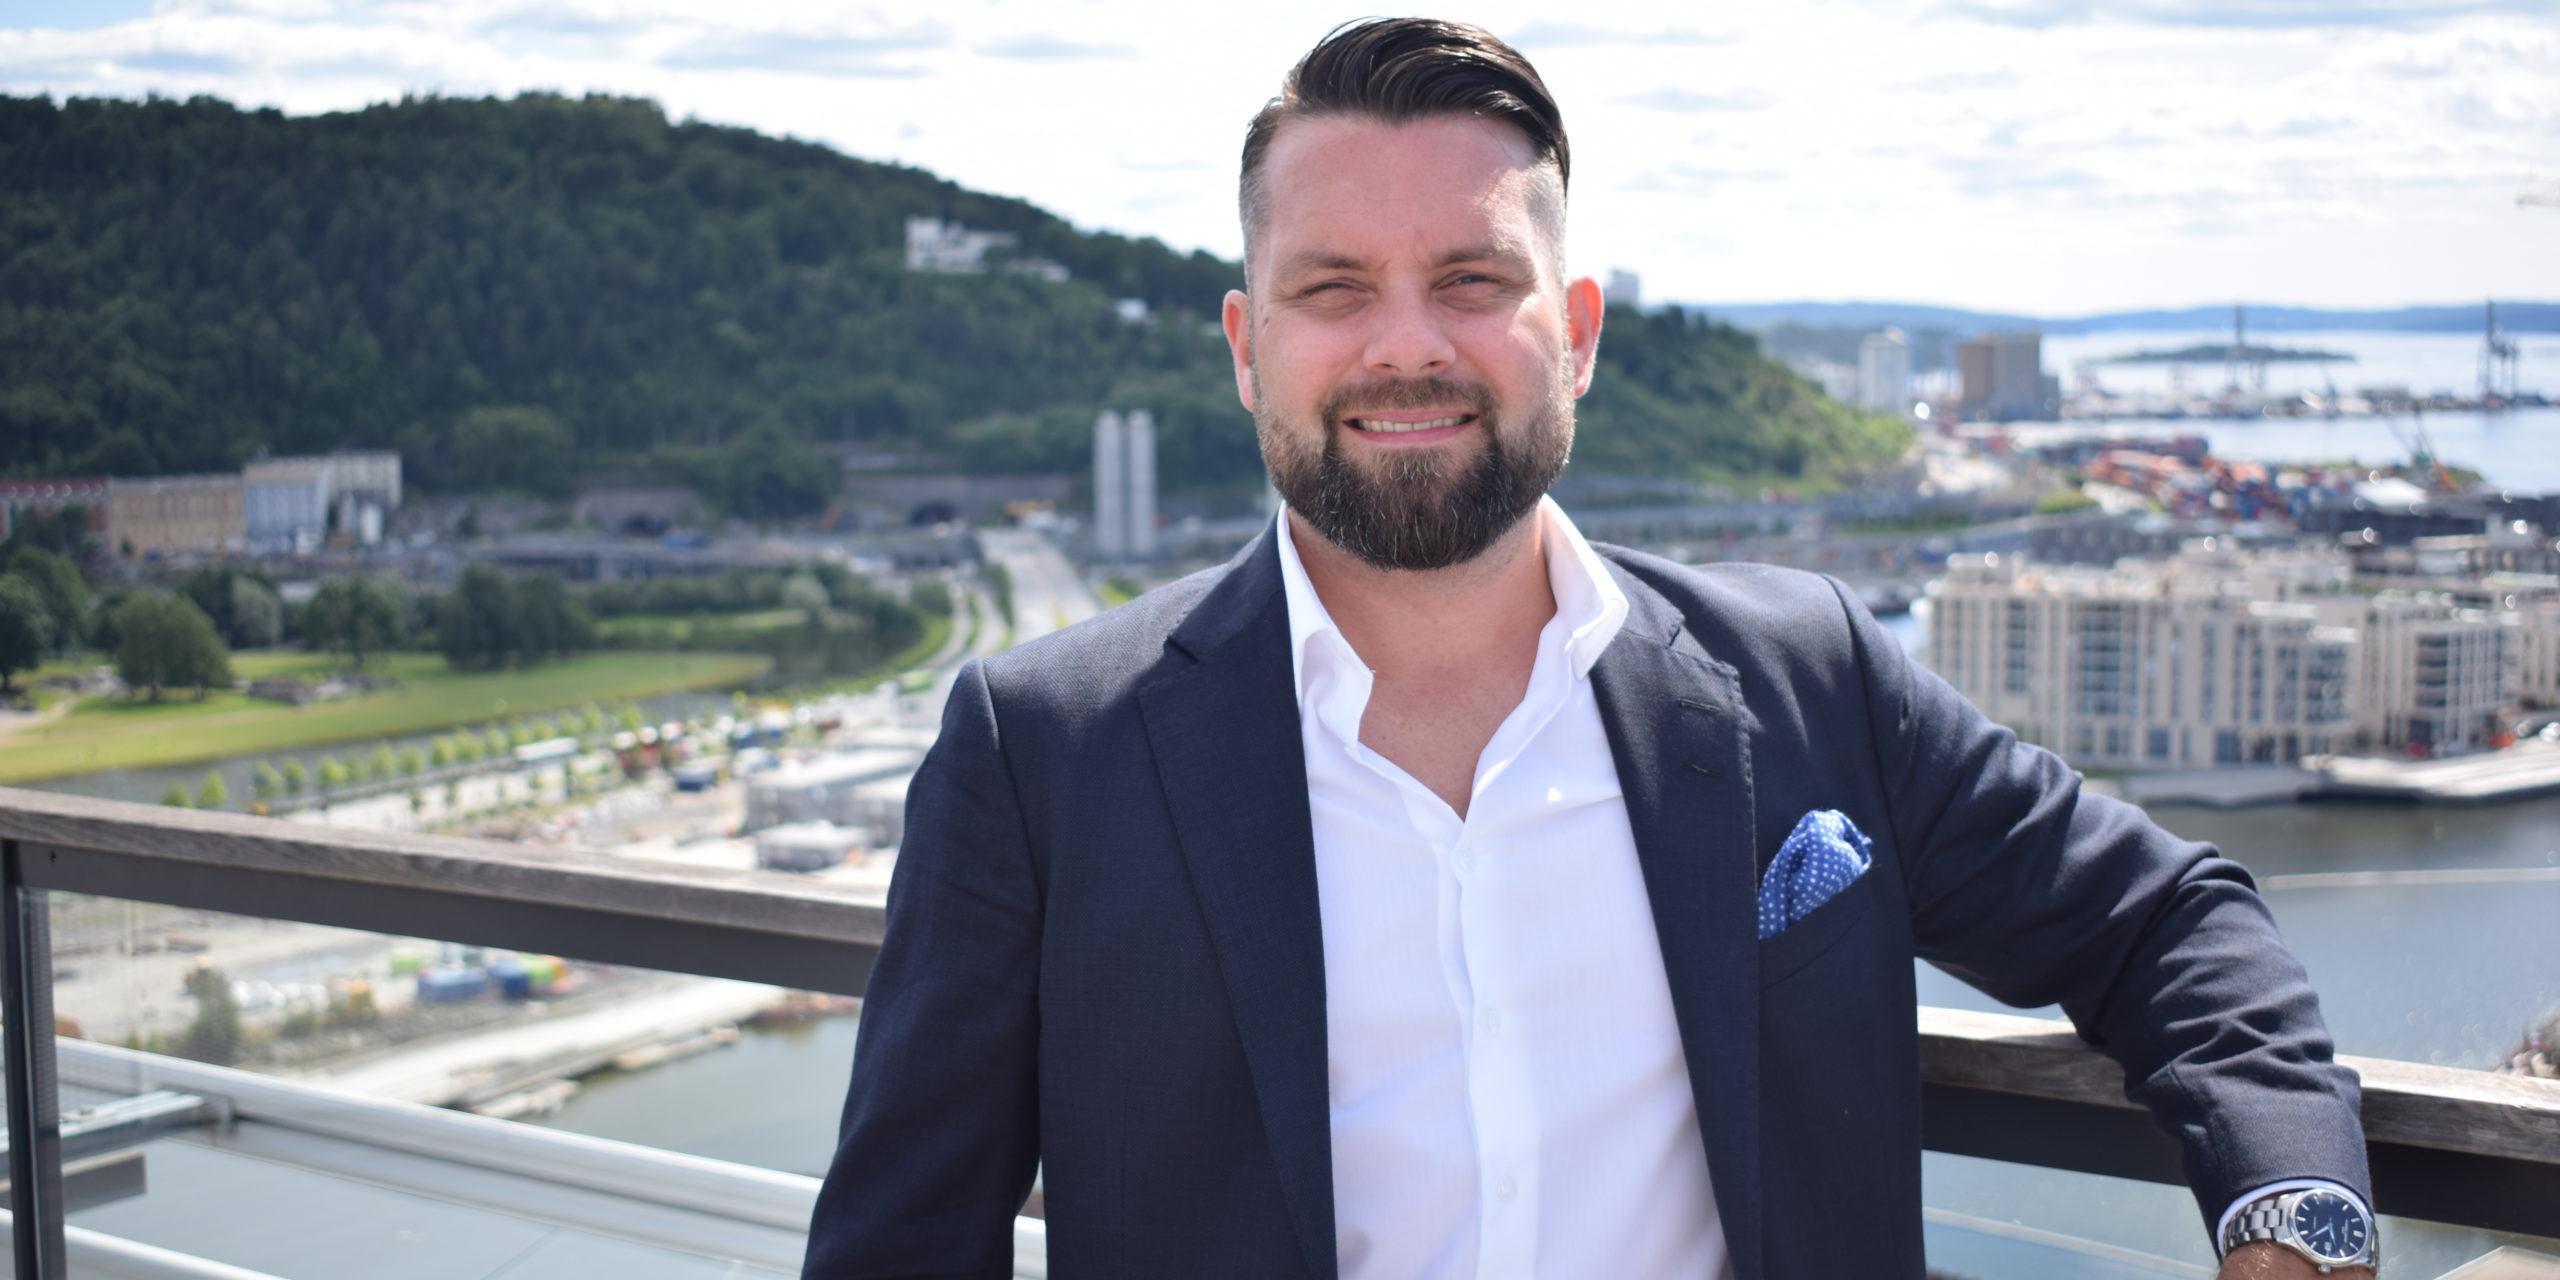 – Det er opp til ledere å tilpasse salgsprosessen og kundereisen for å sikre at de samsvarer med kjøpsvanene til potensielle nye kunder, sier Erik Holmen, daglig leder i GetAccept Norge.